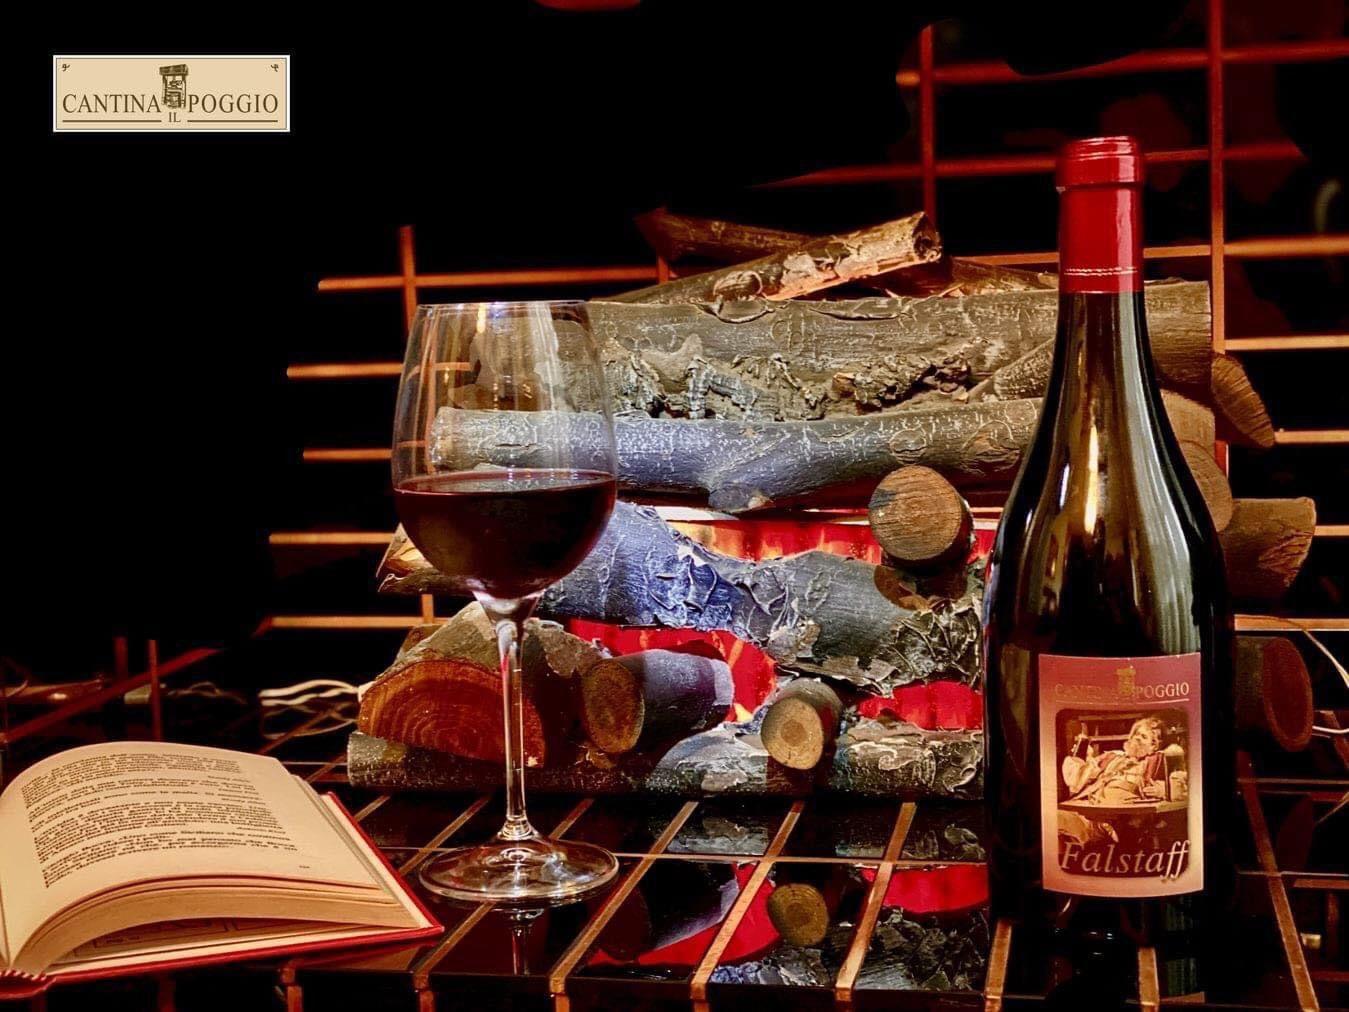 Foto Di Un Camino Acceso pin on wines & spirits